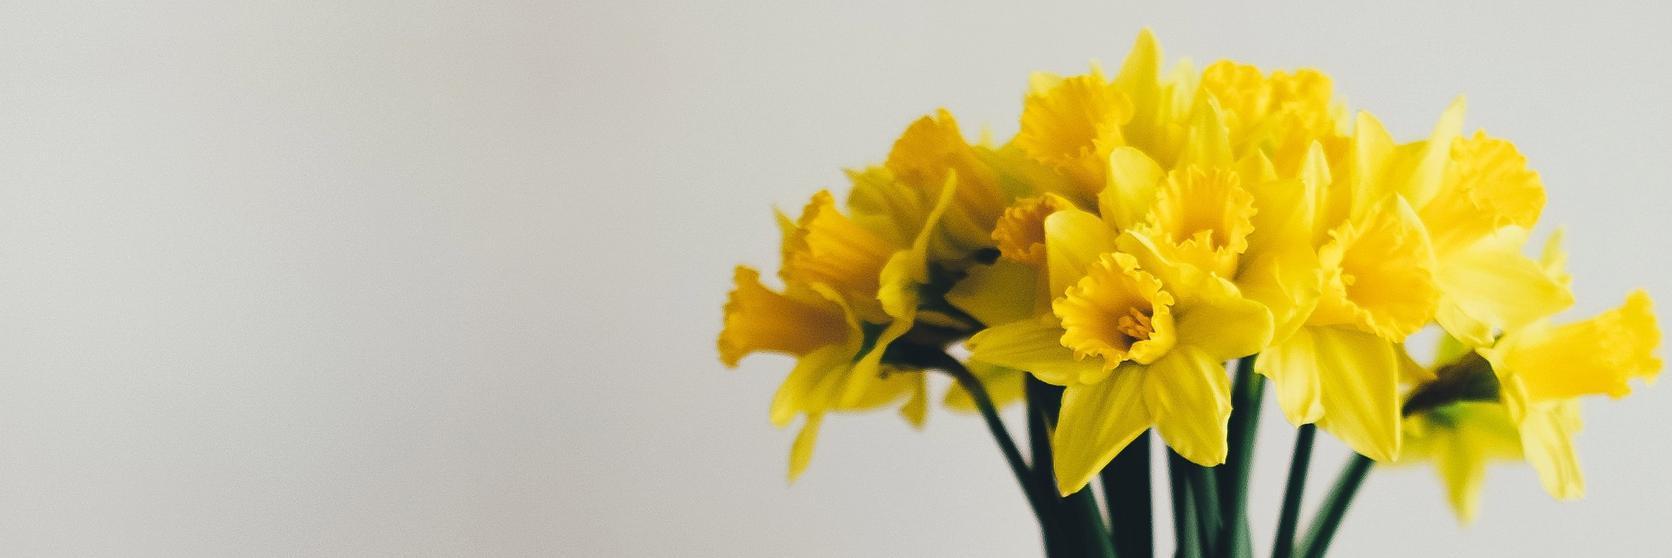 daffodil-spring-flowers